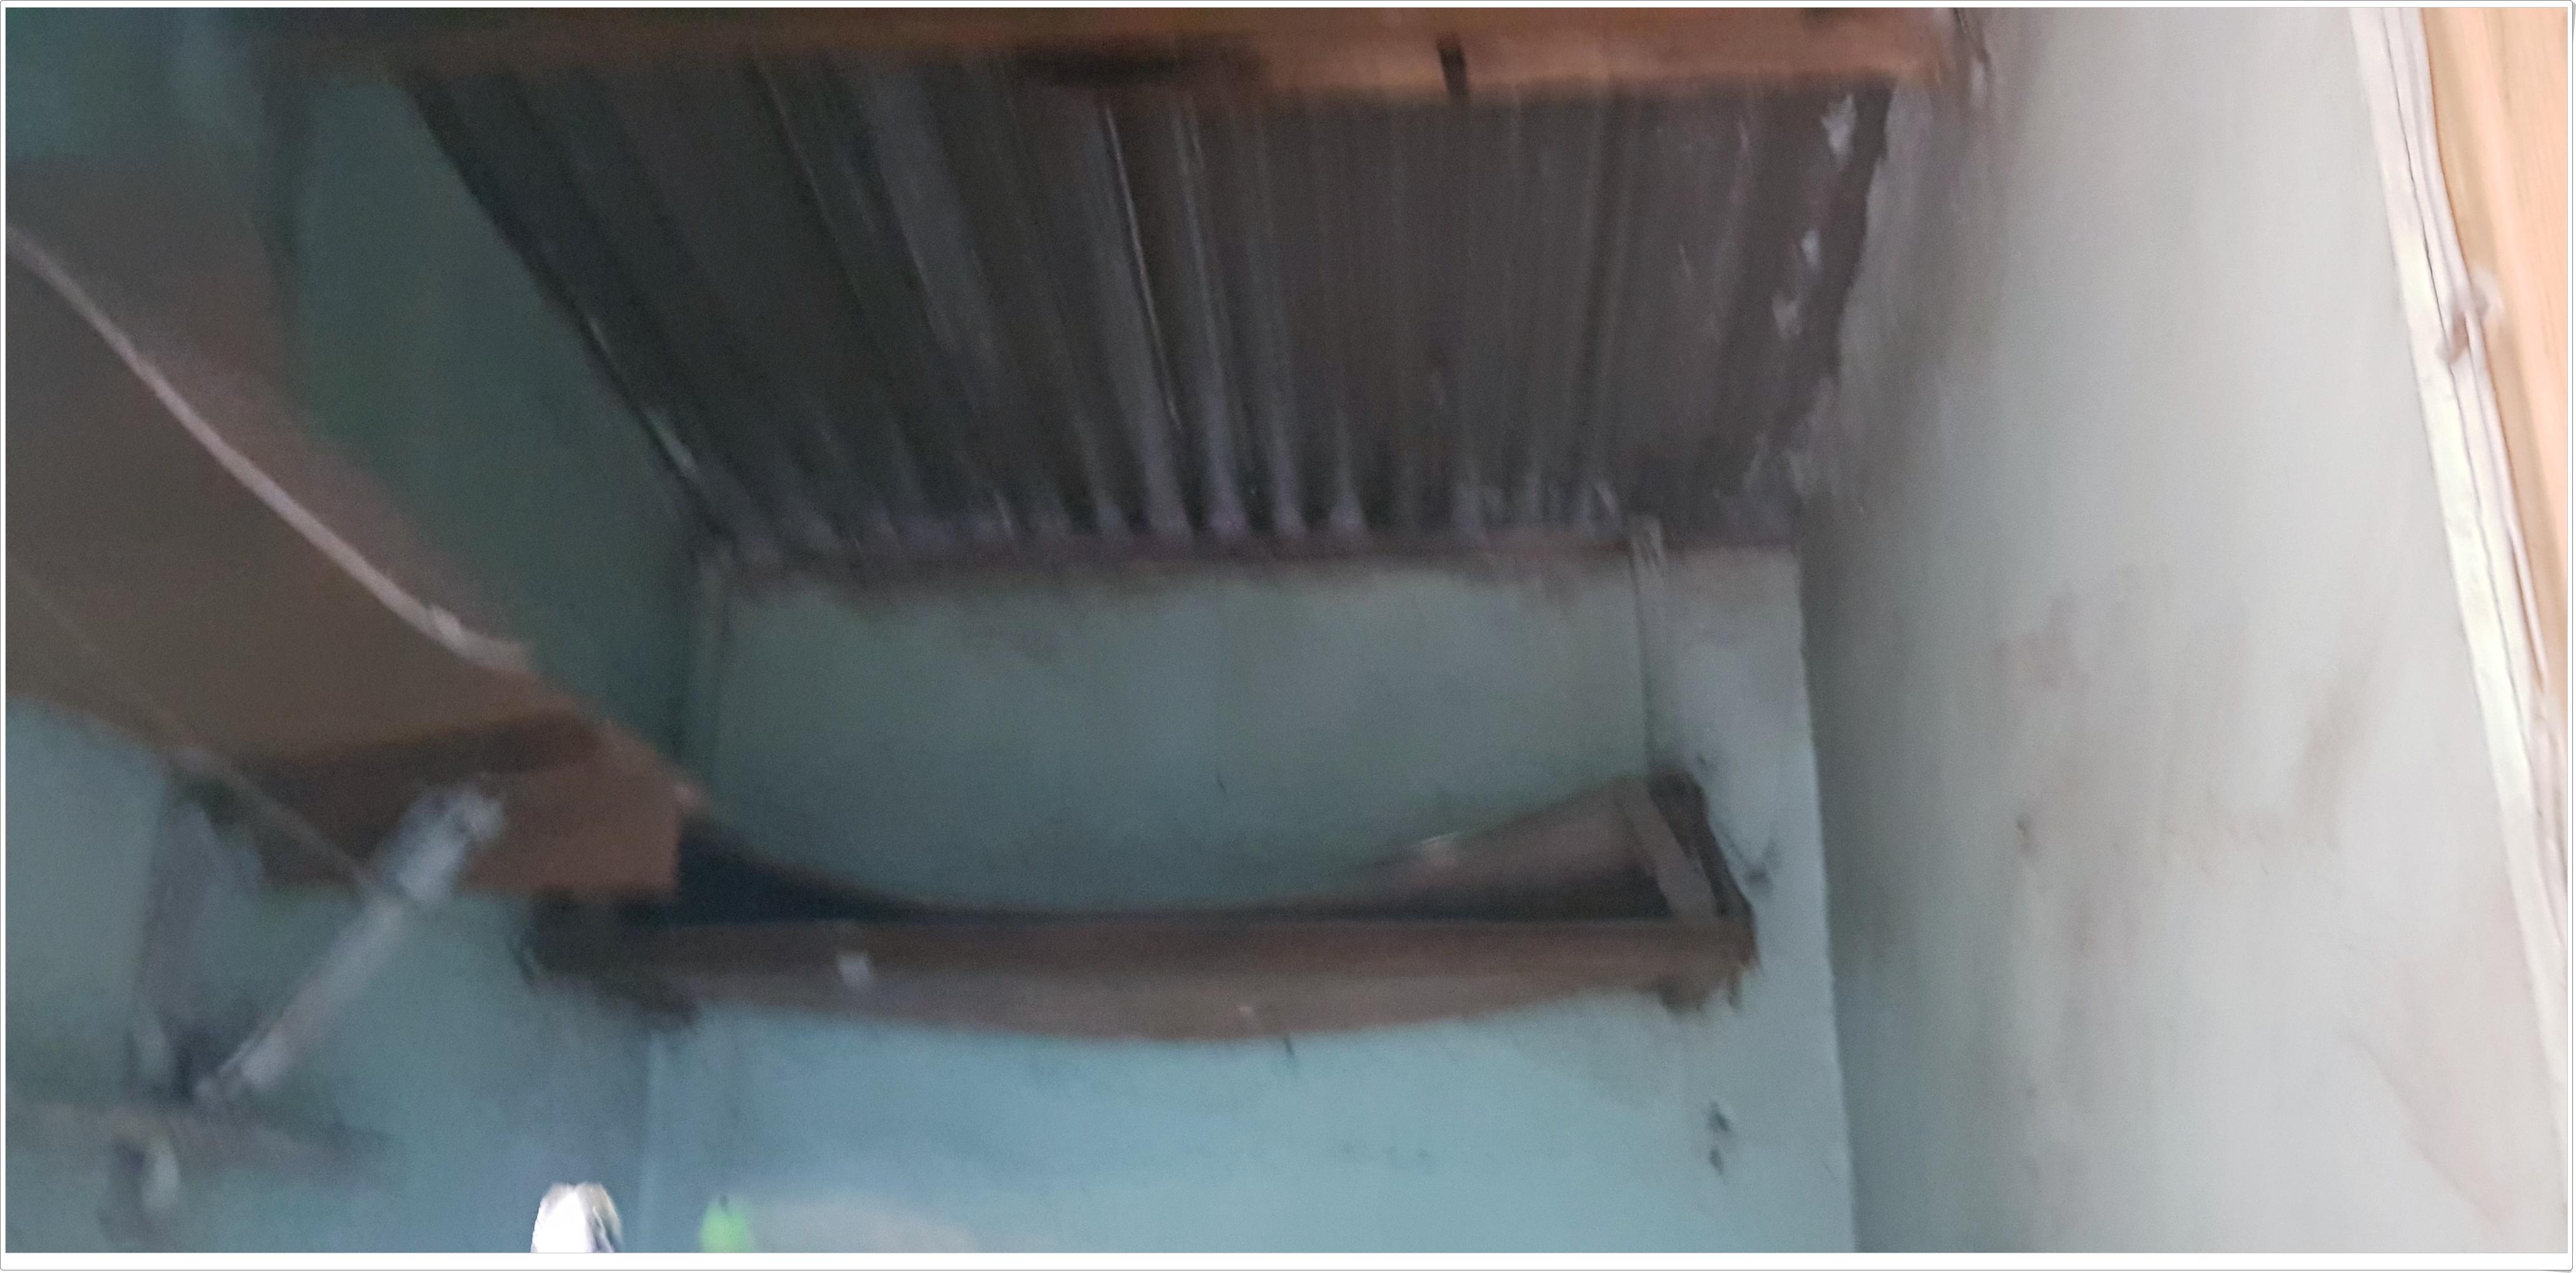 9 번째 사진 단독주택 에  연면적 ㎡ 부산 백양대로 주택 석면조사 현장